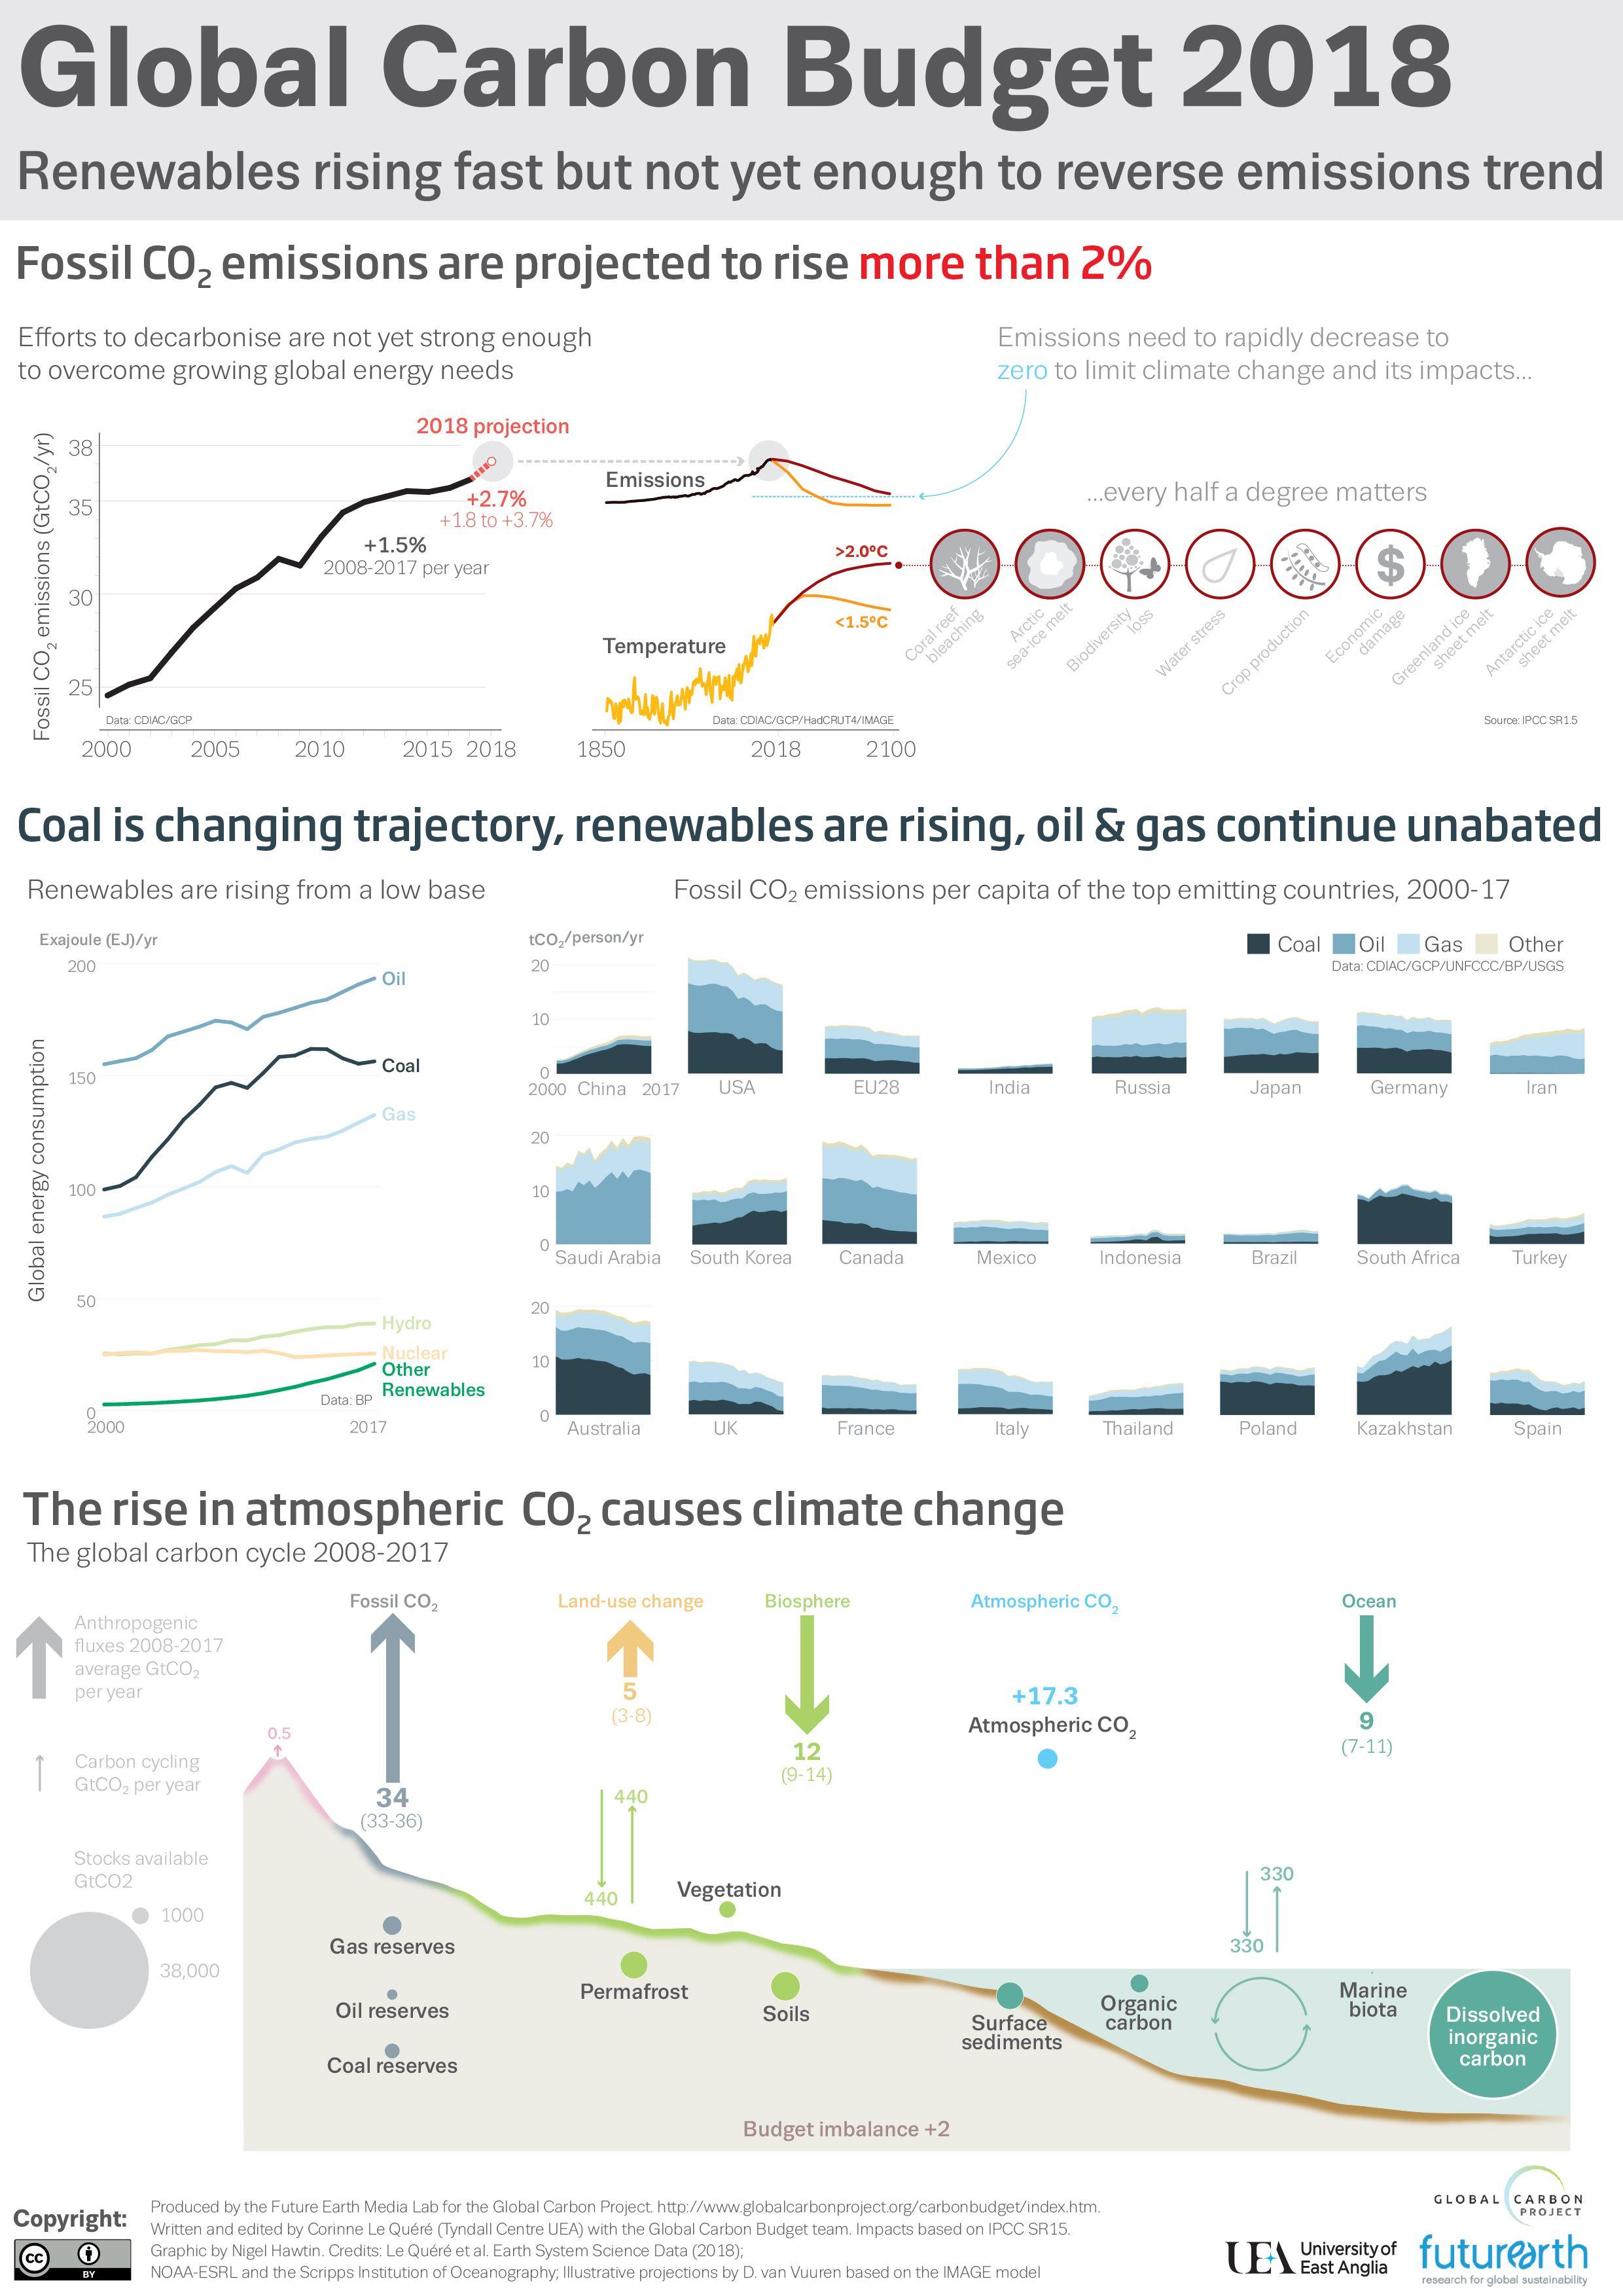 Selon les chercheurs de l'Université d'East Anglia (UEA) et du Global Carbon Project, les émissions mondiales de carbone devraient atteindre un niveau sans précédent en 2018.